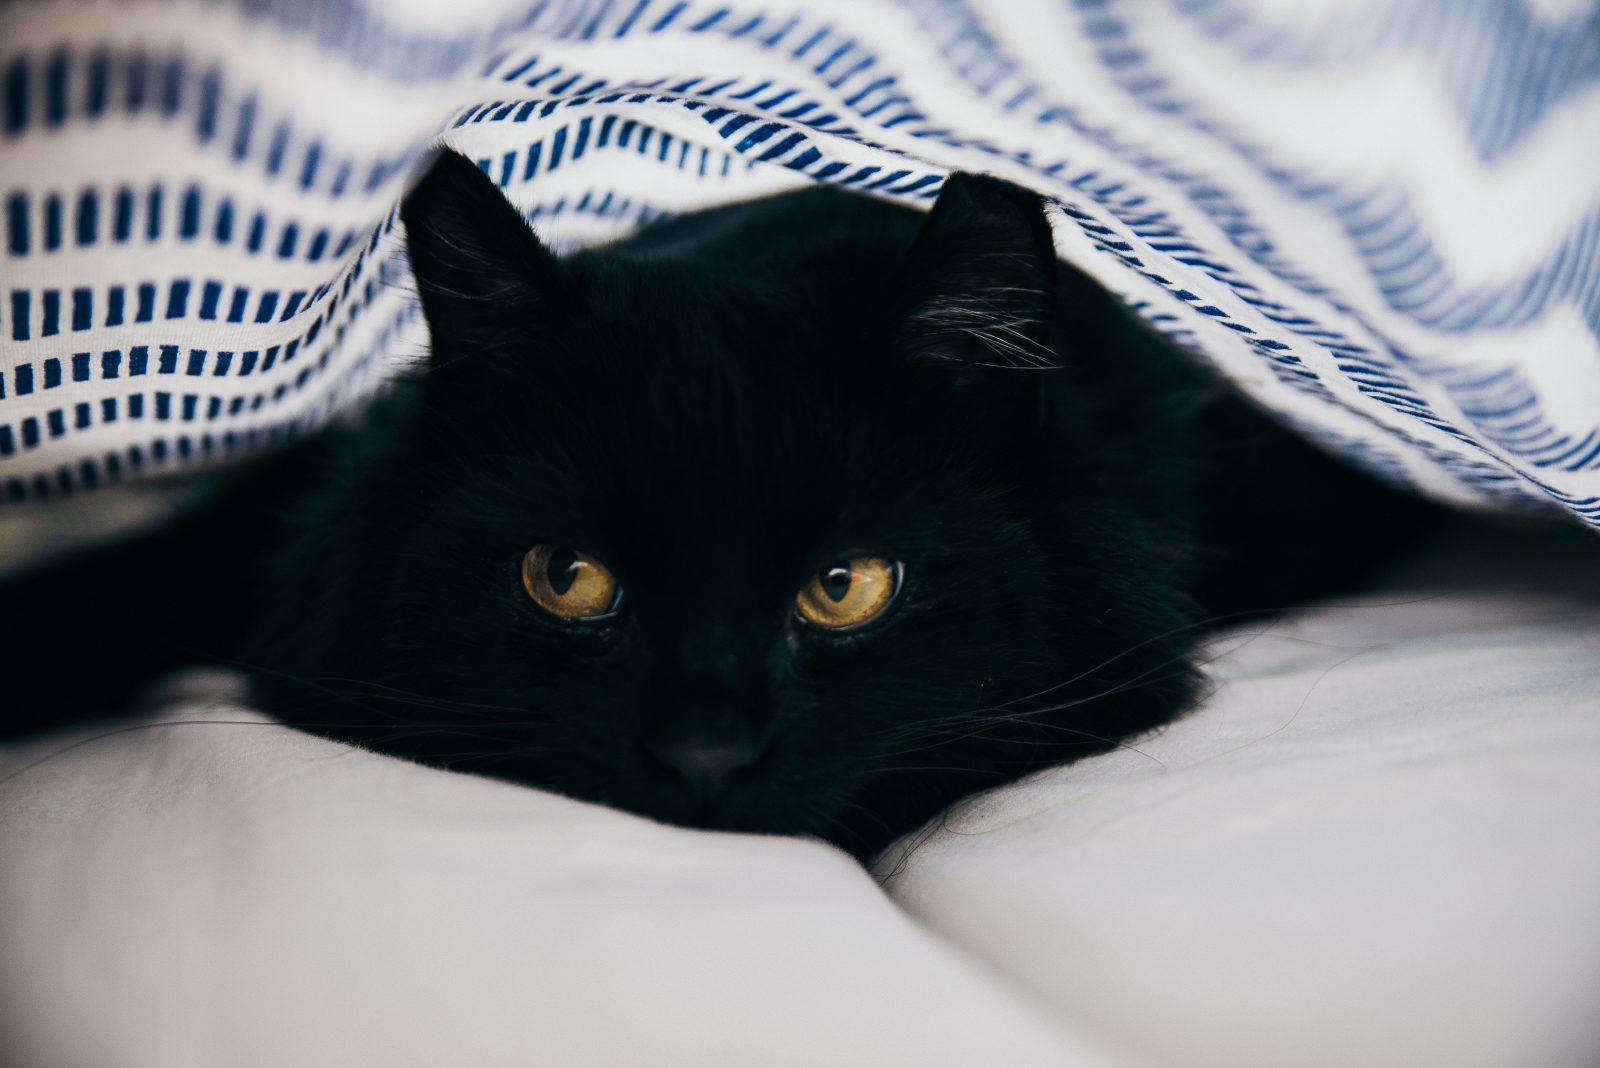 Supersticiones del gato negro Creencias de Buena y Mala Suerte